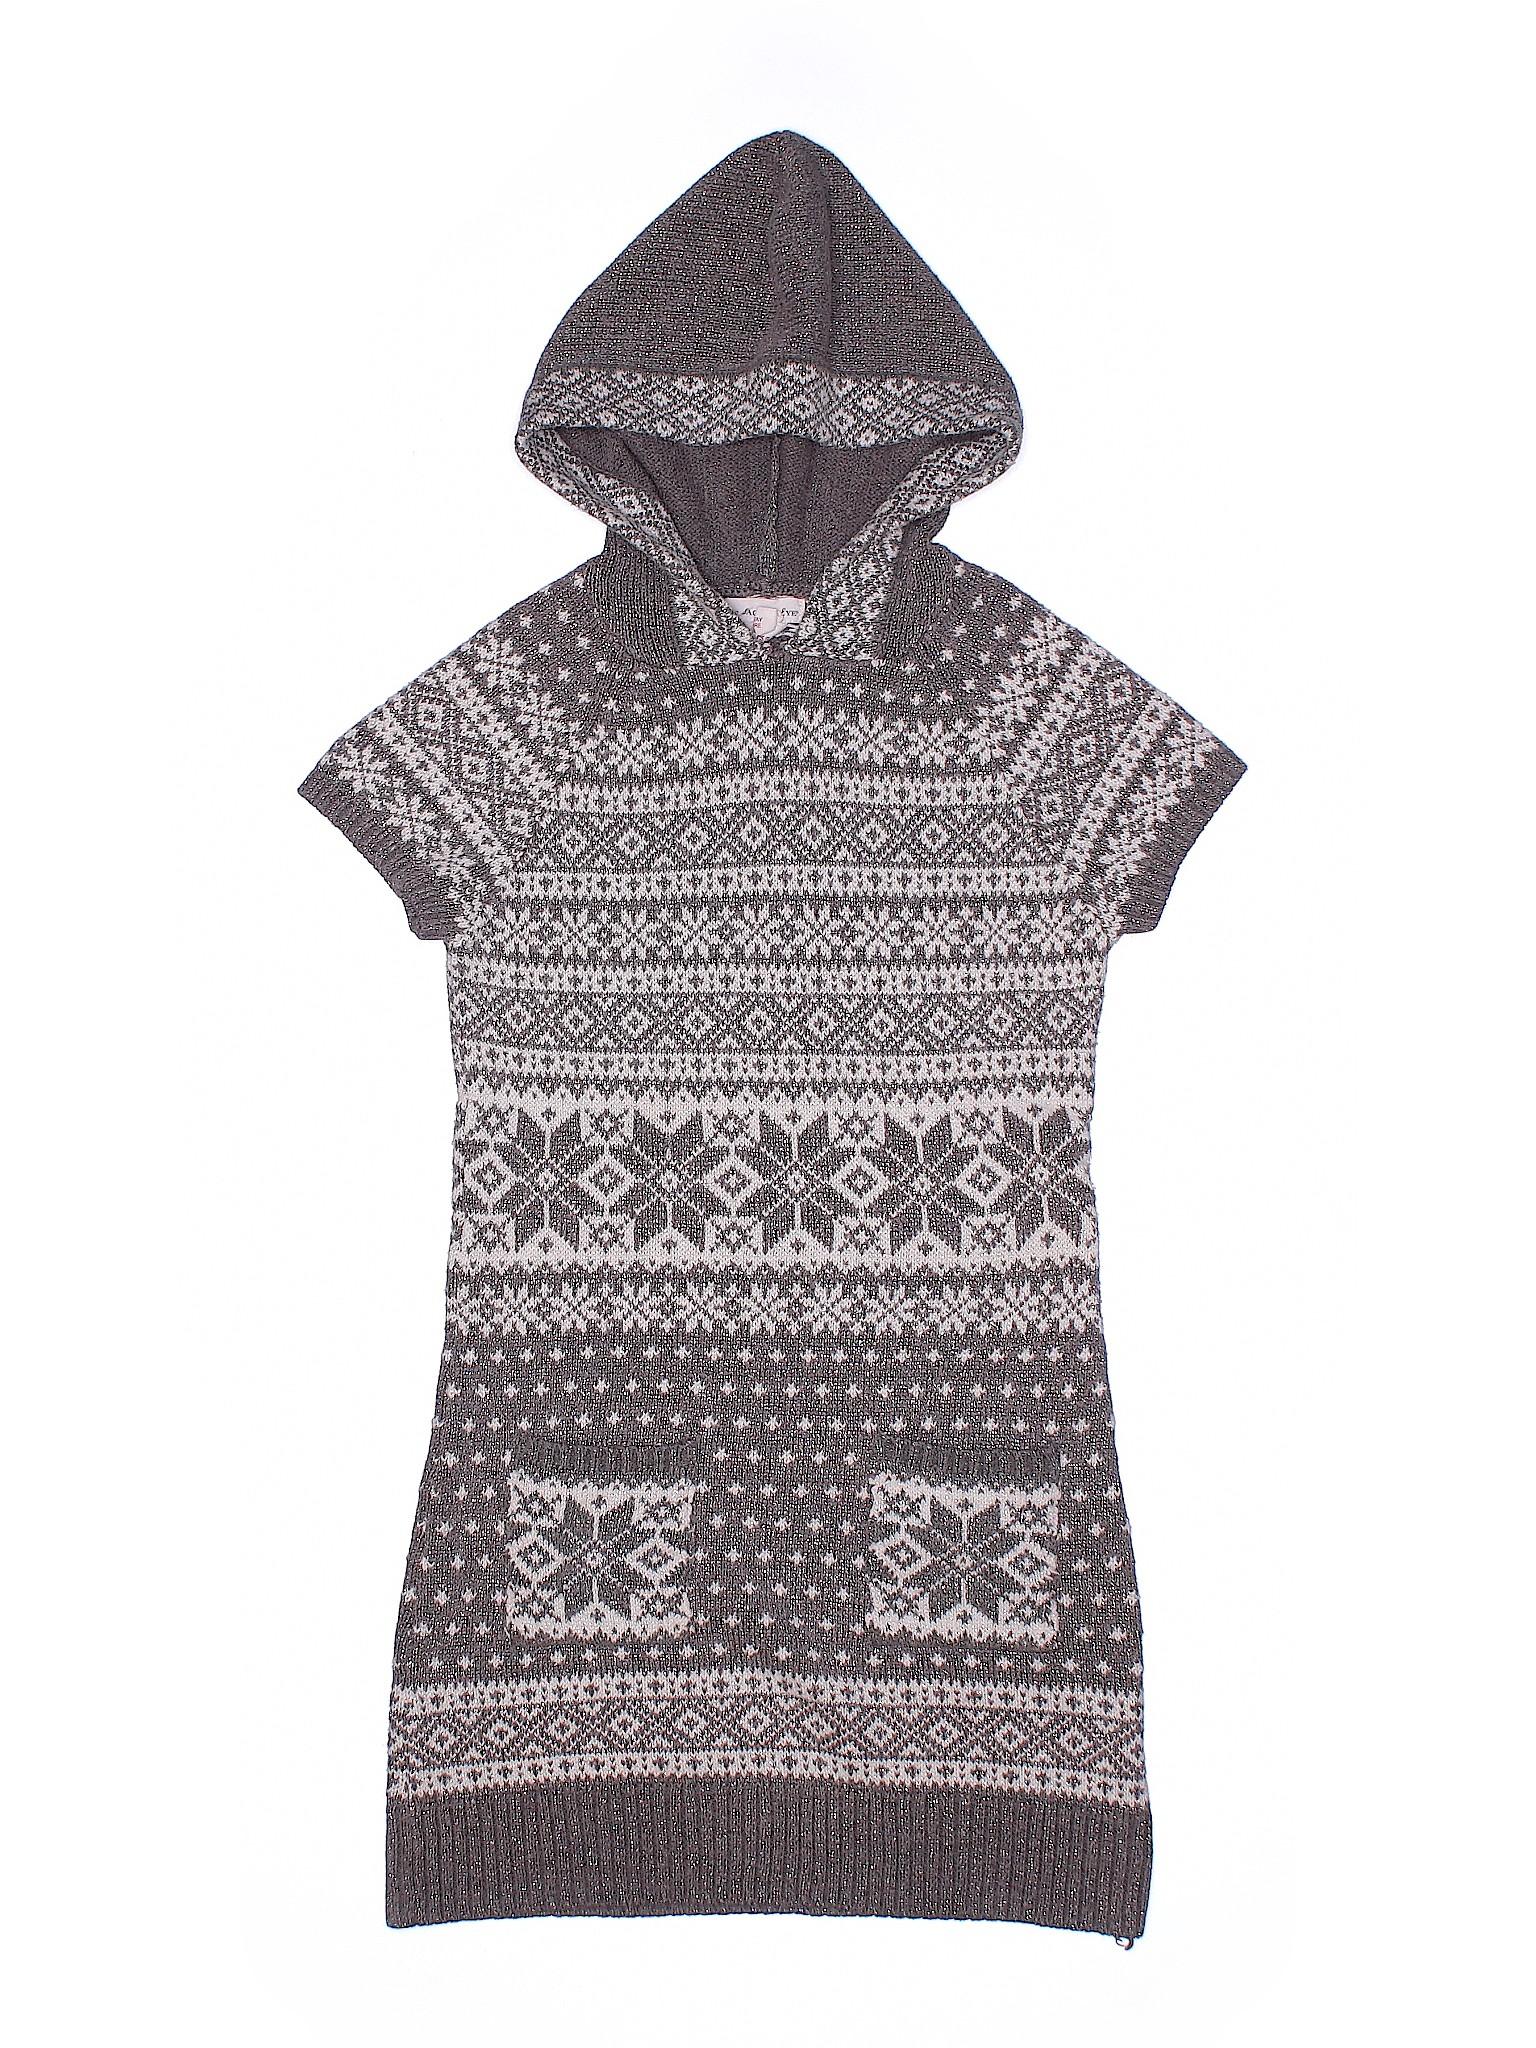 654dbc64 Dress